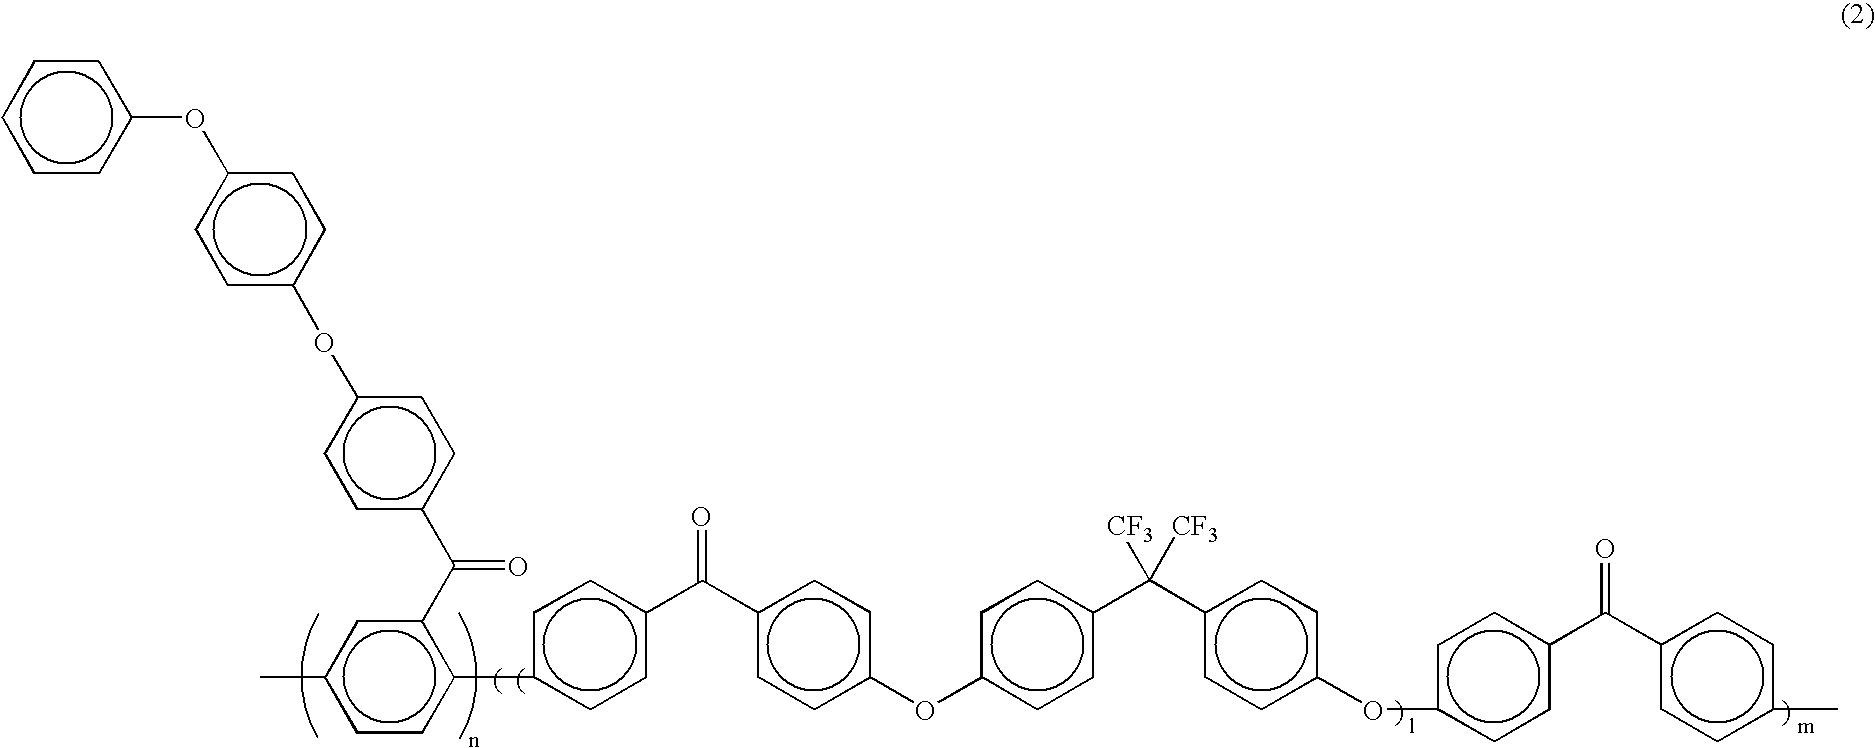 Figure US20050181267A1-20050818-C00004